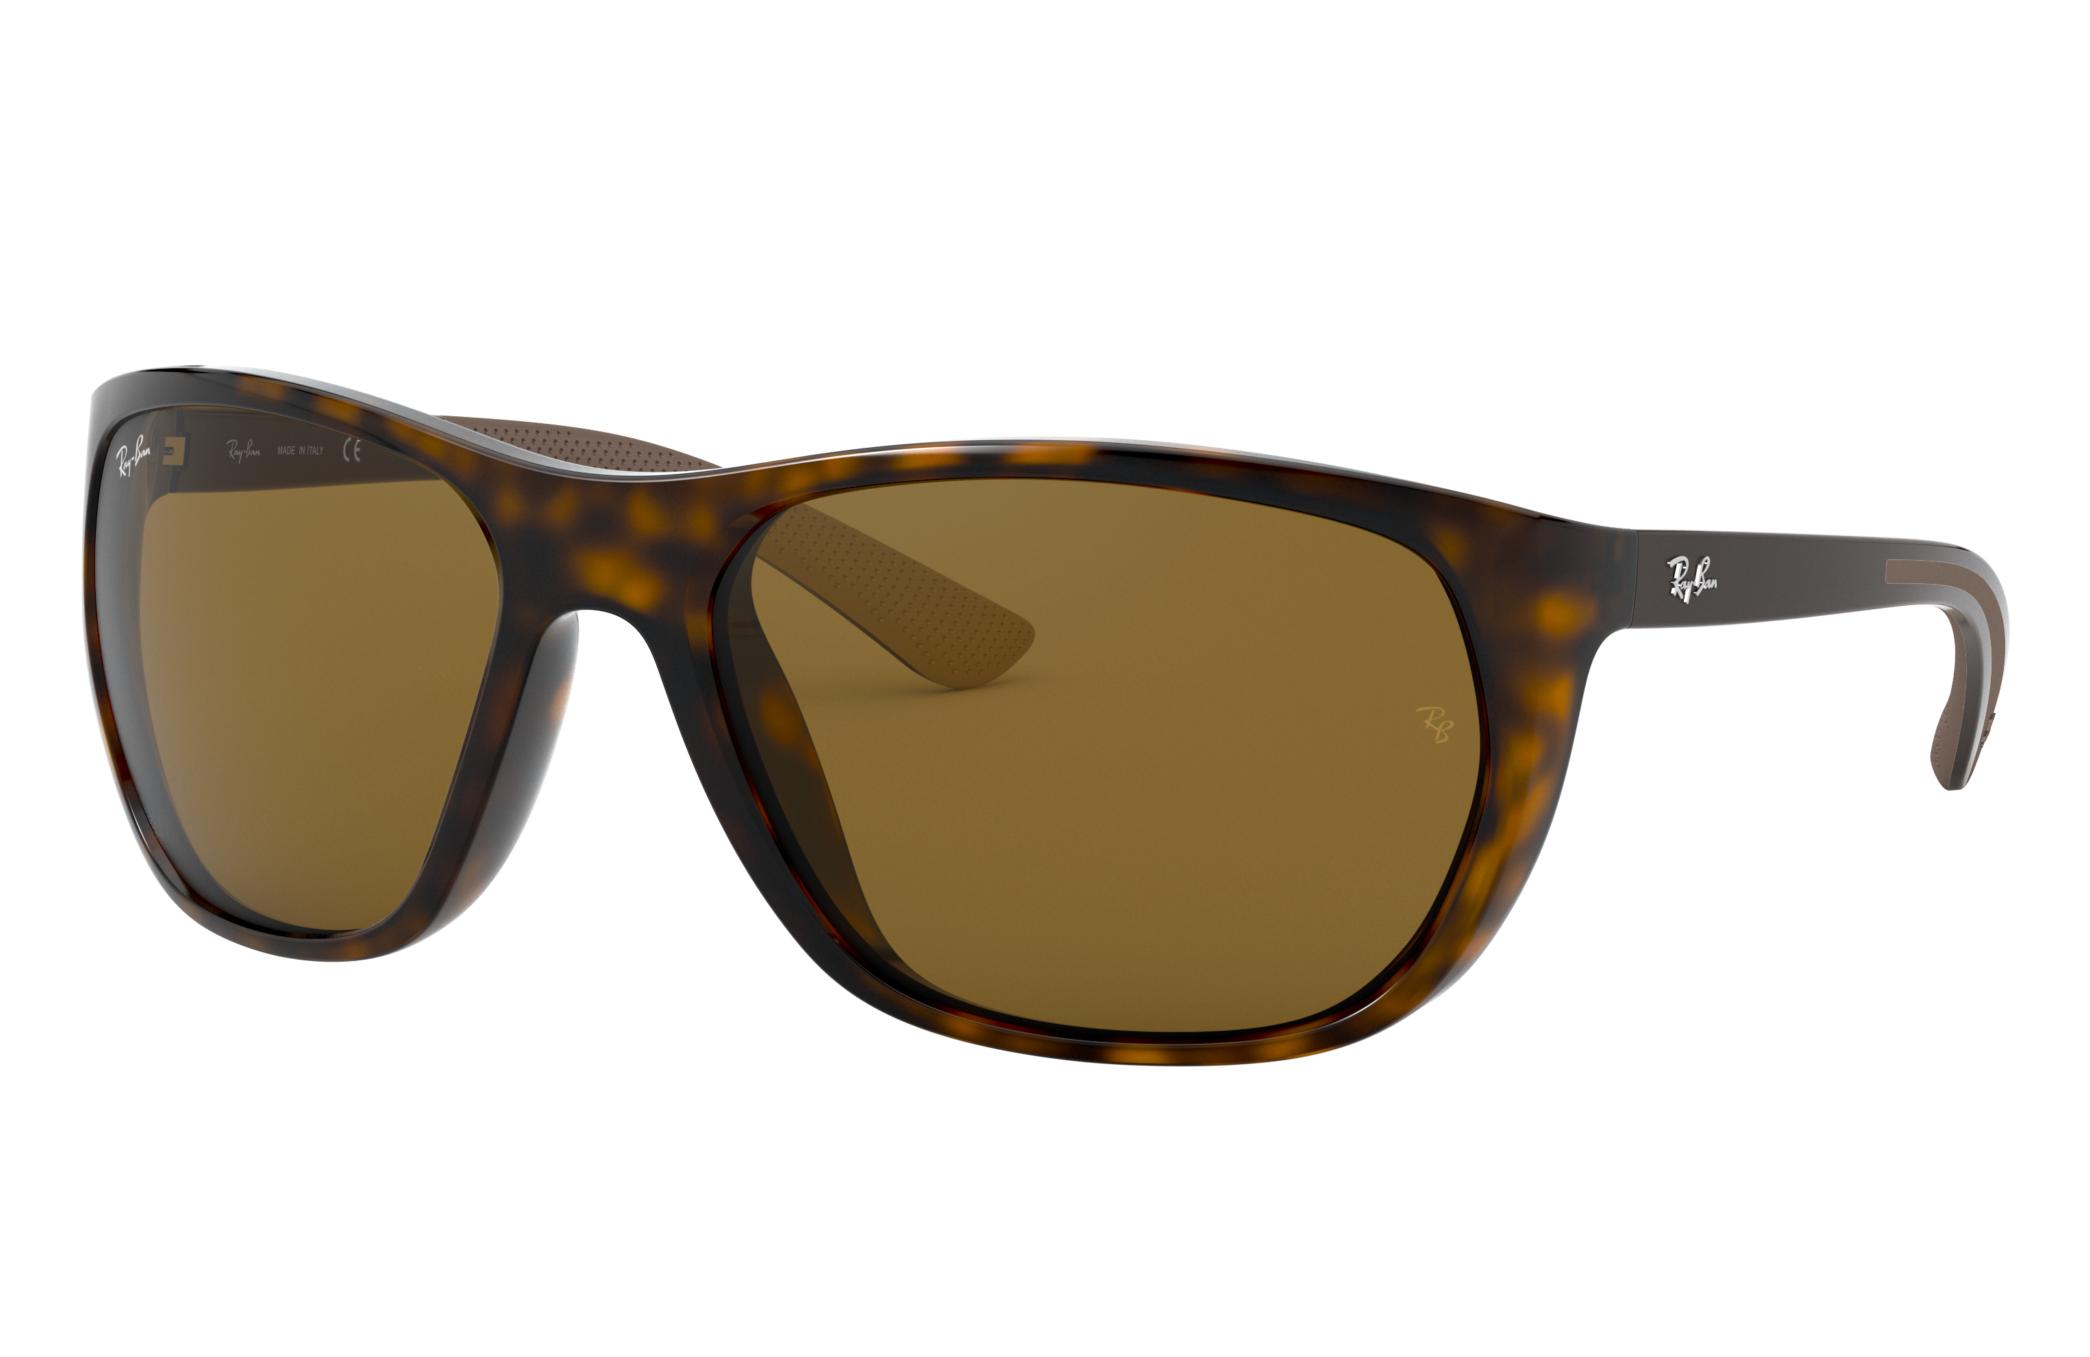 Ray-Ban Rb4307 Brown, Brown Lenses - RB4307